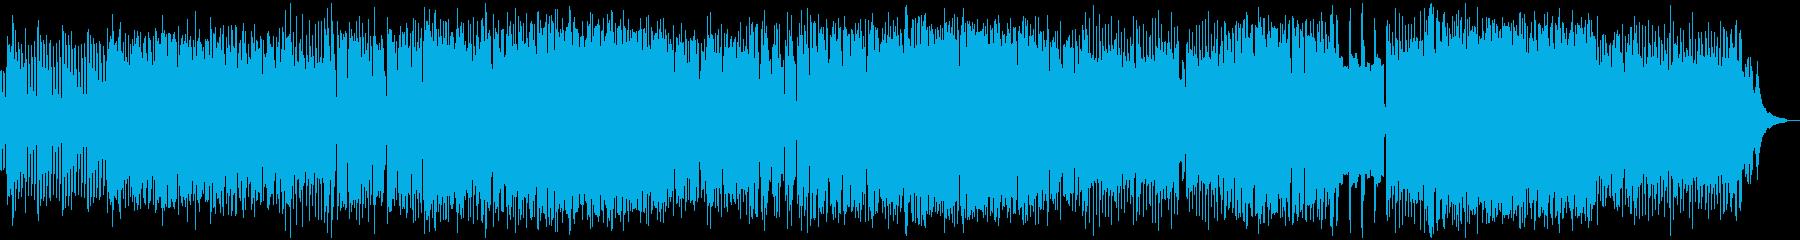 緊迫感のある日本語ロックの再生済みの波形